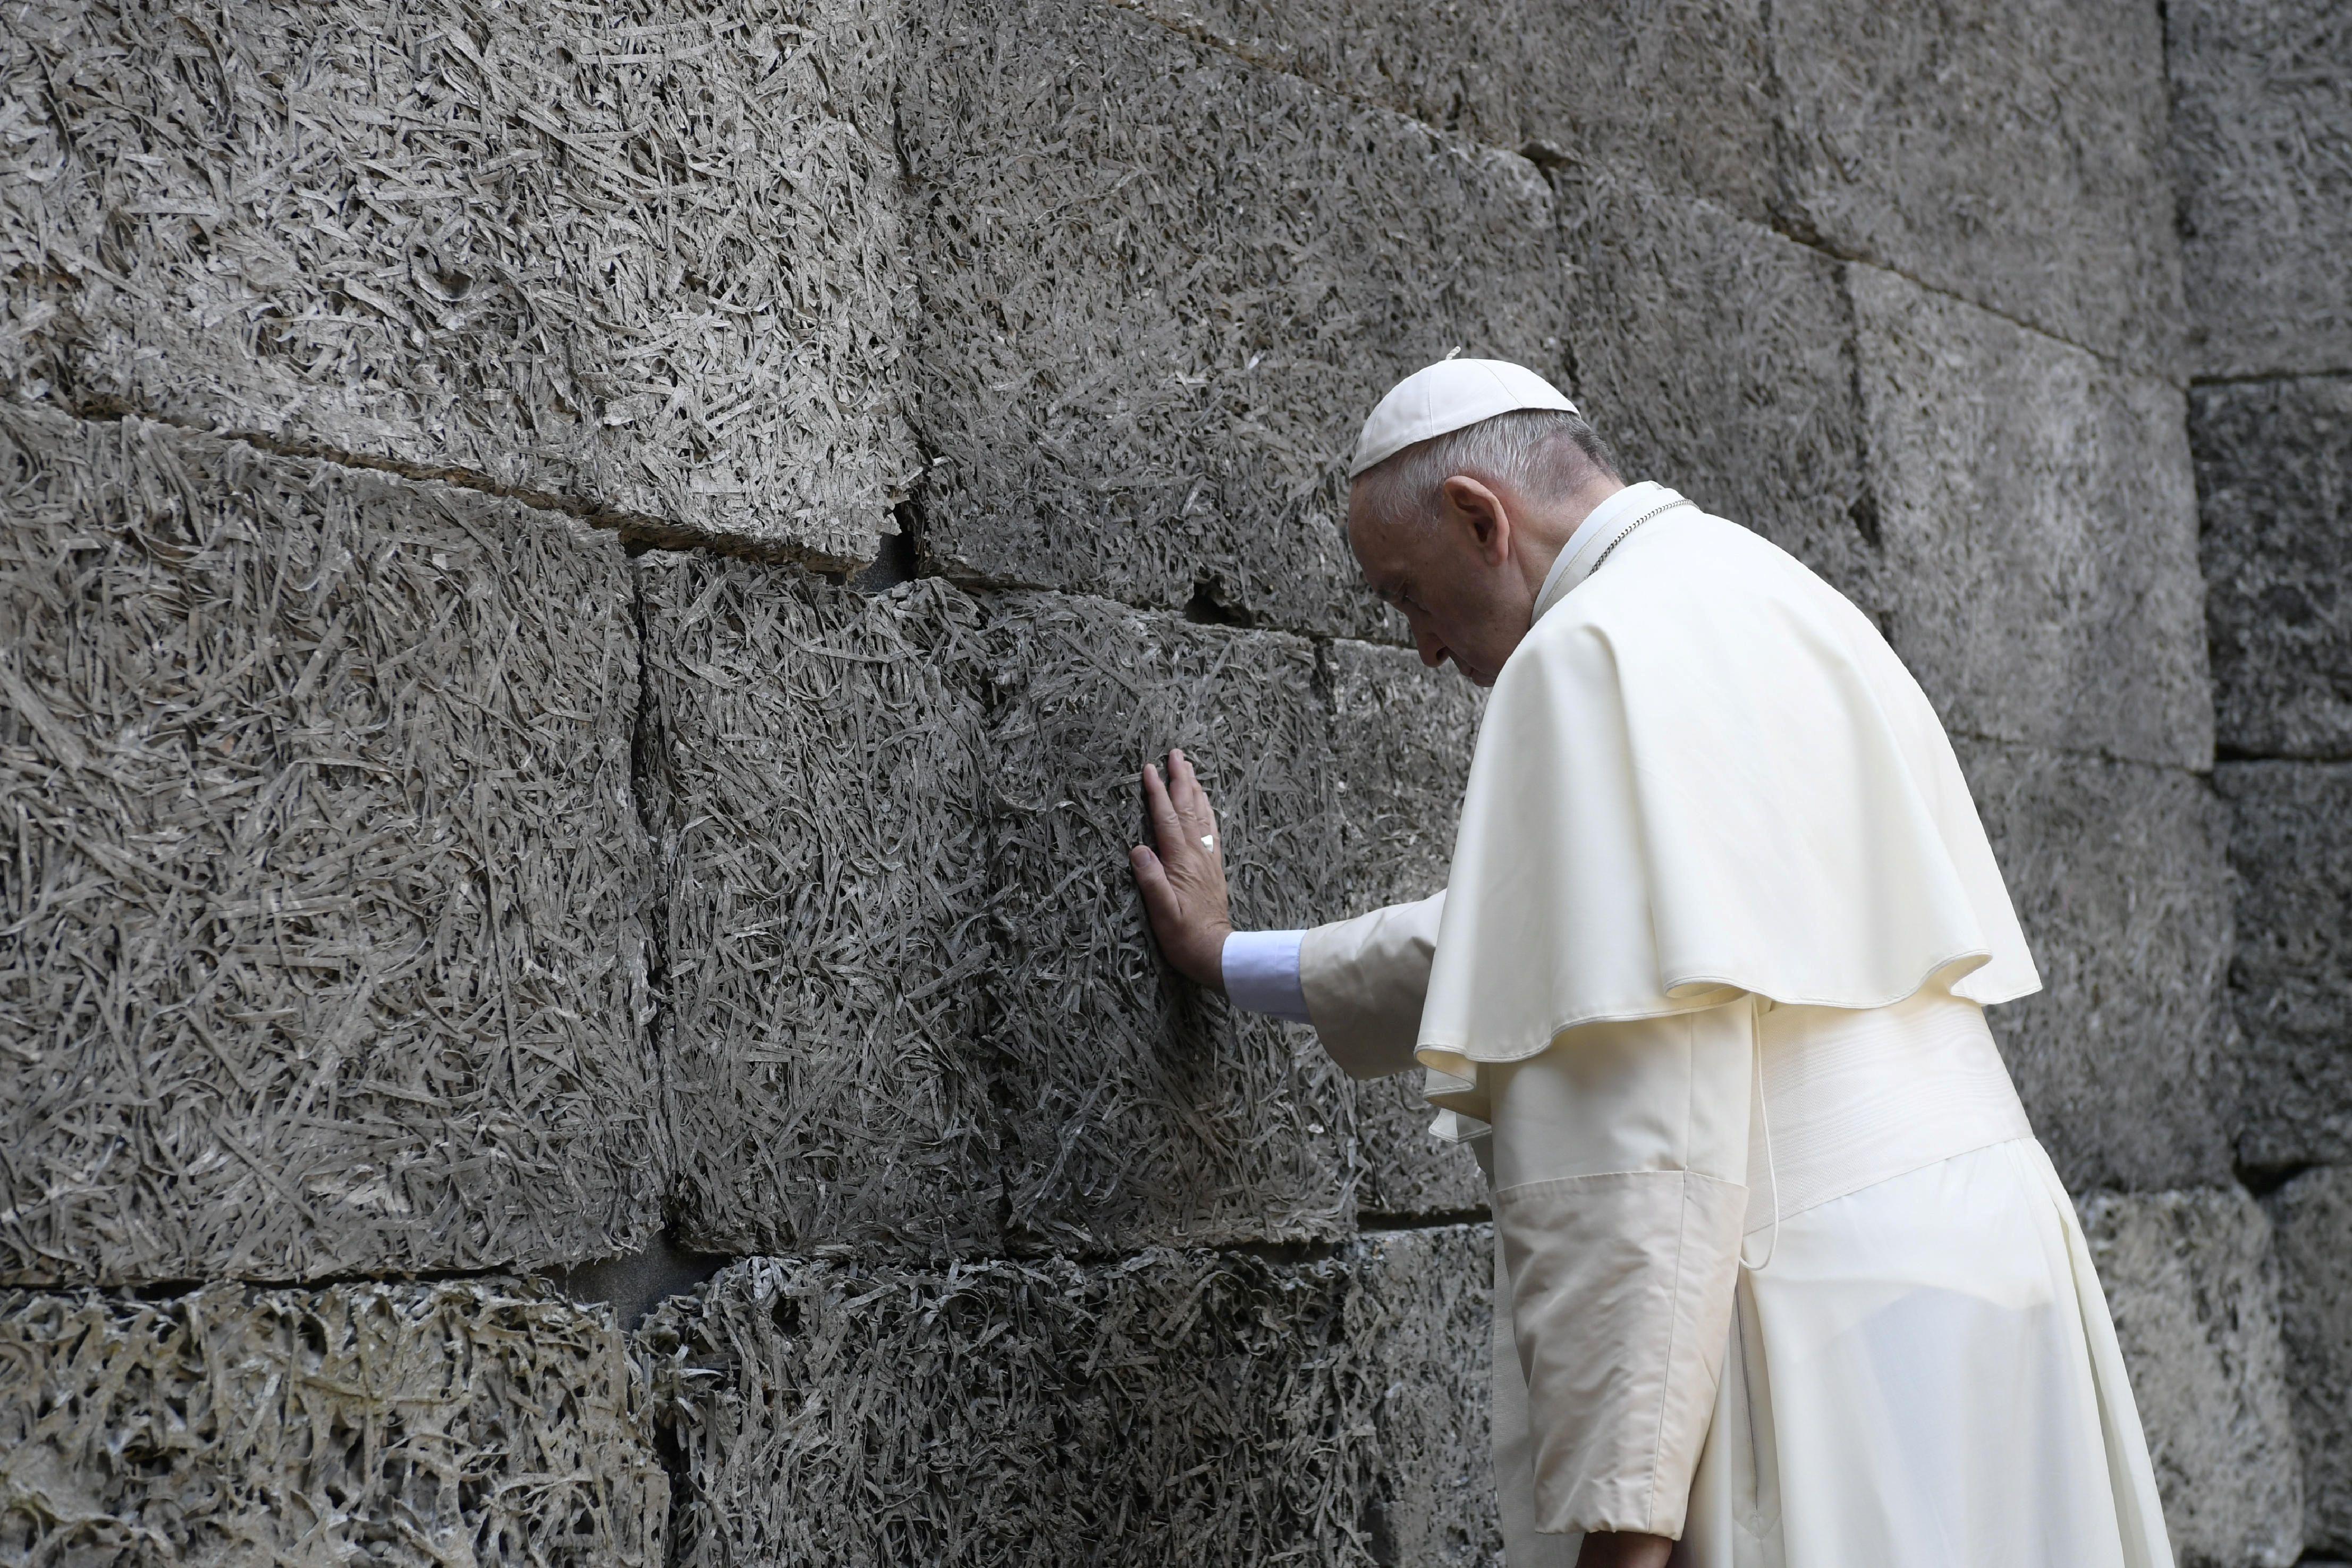 Comment le pape François prend un grand risque politique en partant au combat frontalement sur les réticences européennes vis à vis des questions d'immigration